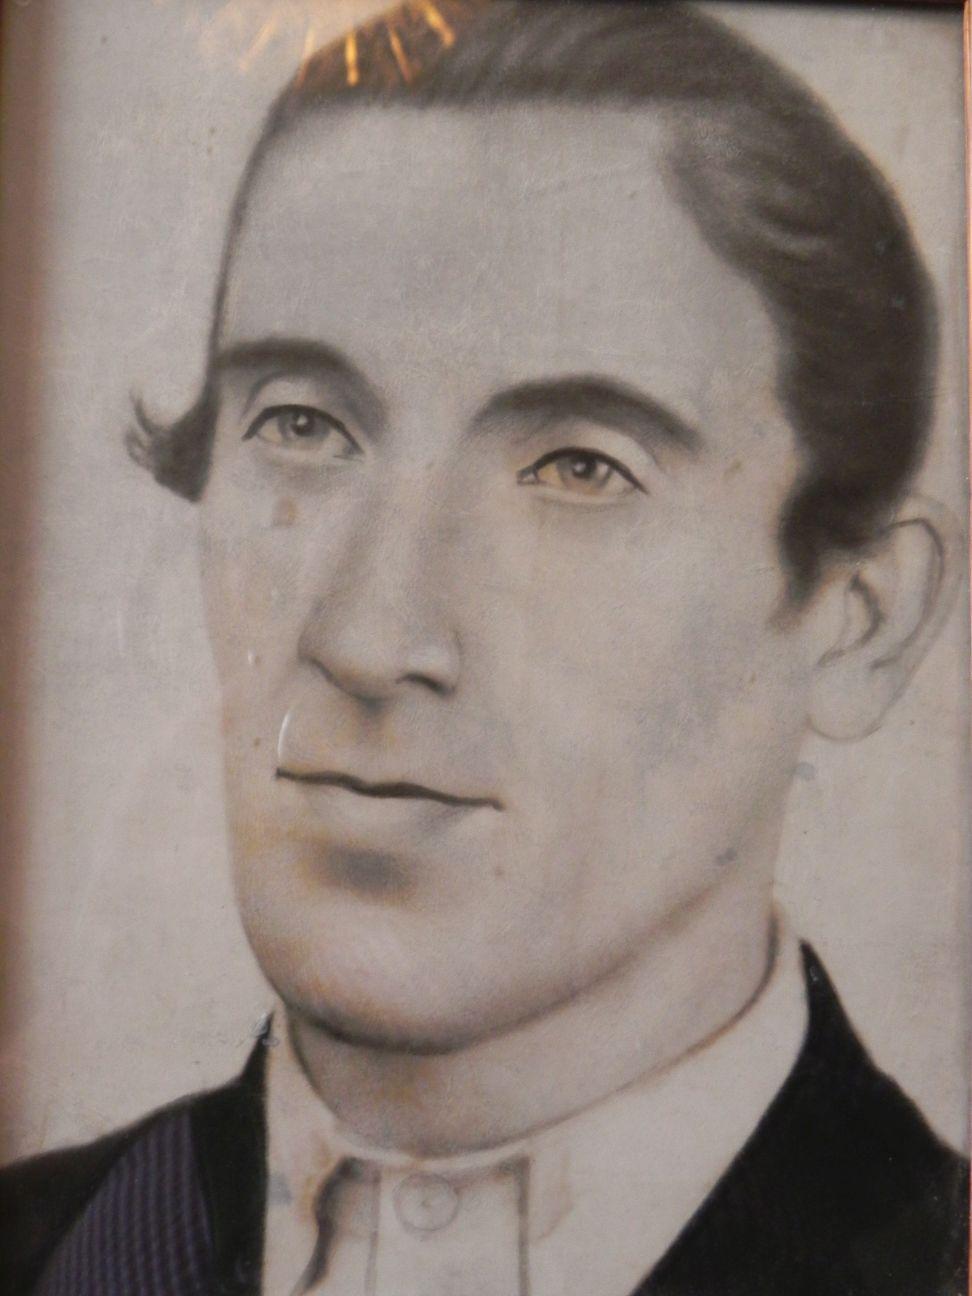 Portret Andrzeja Chabra (Chobra)